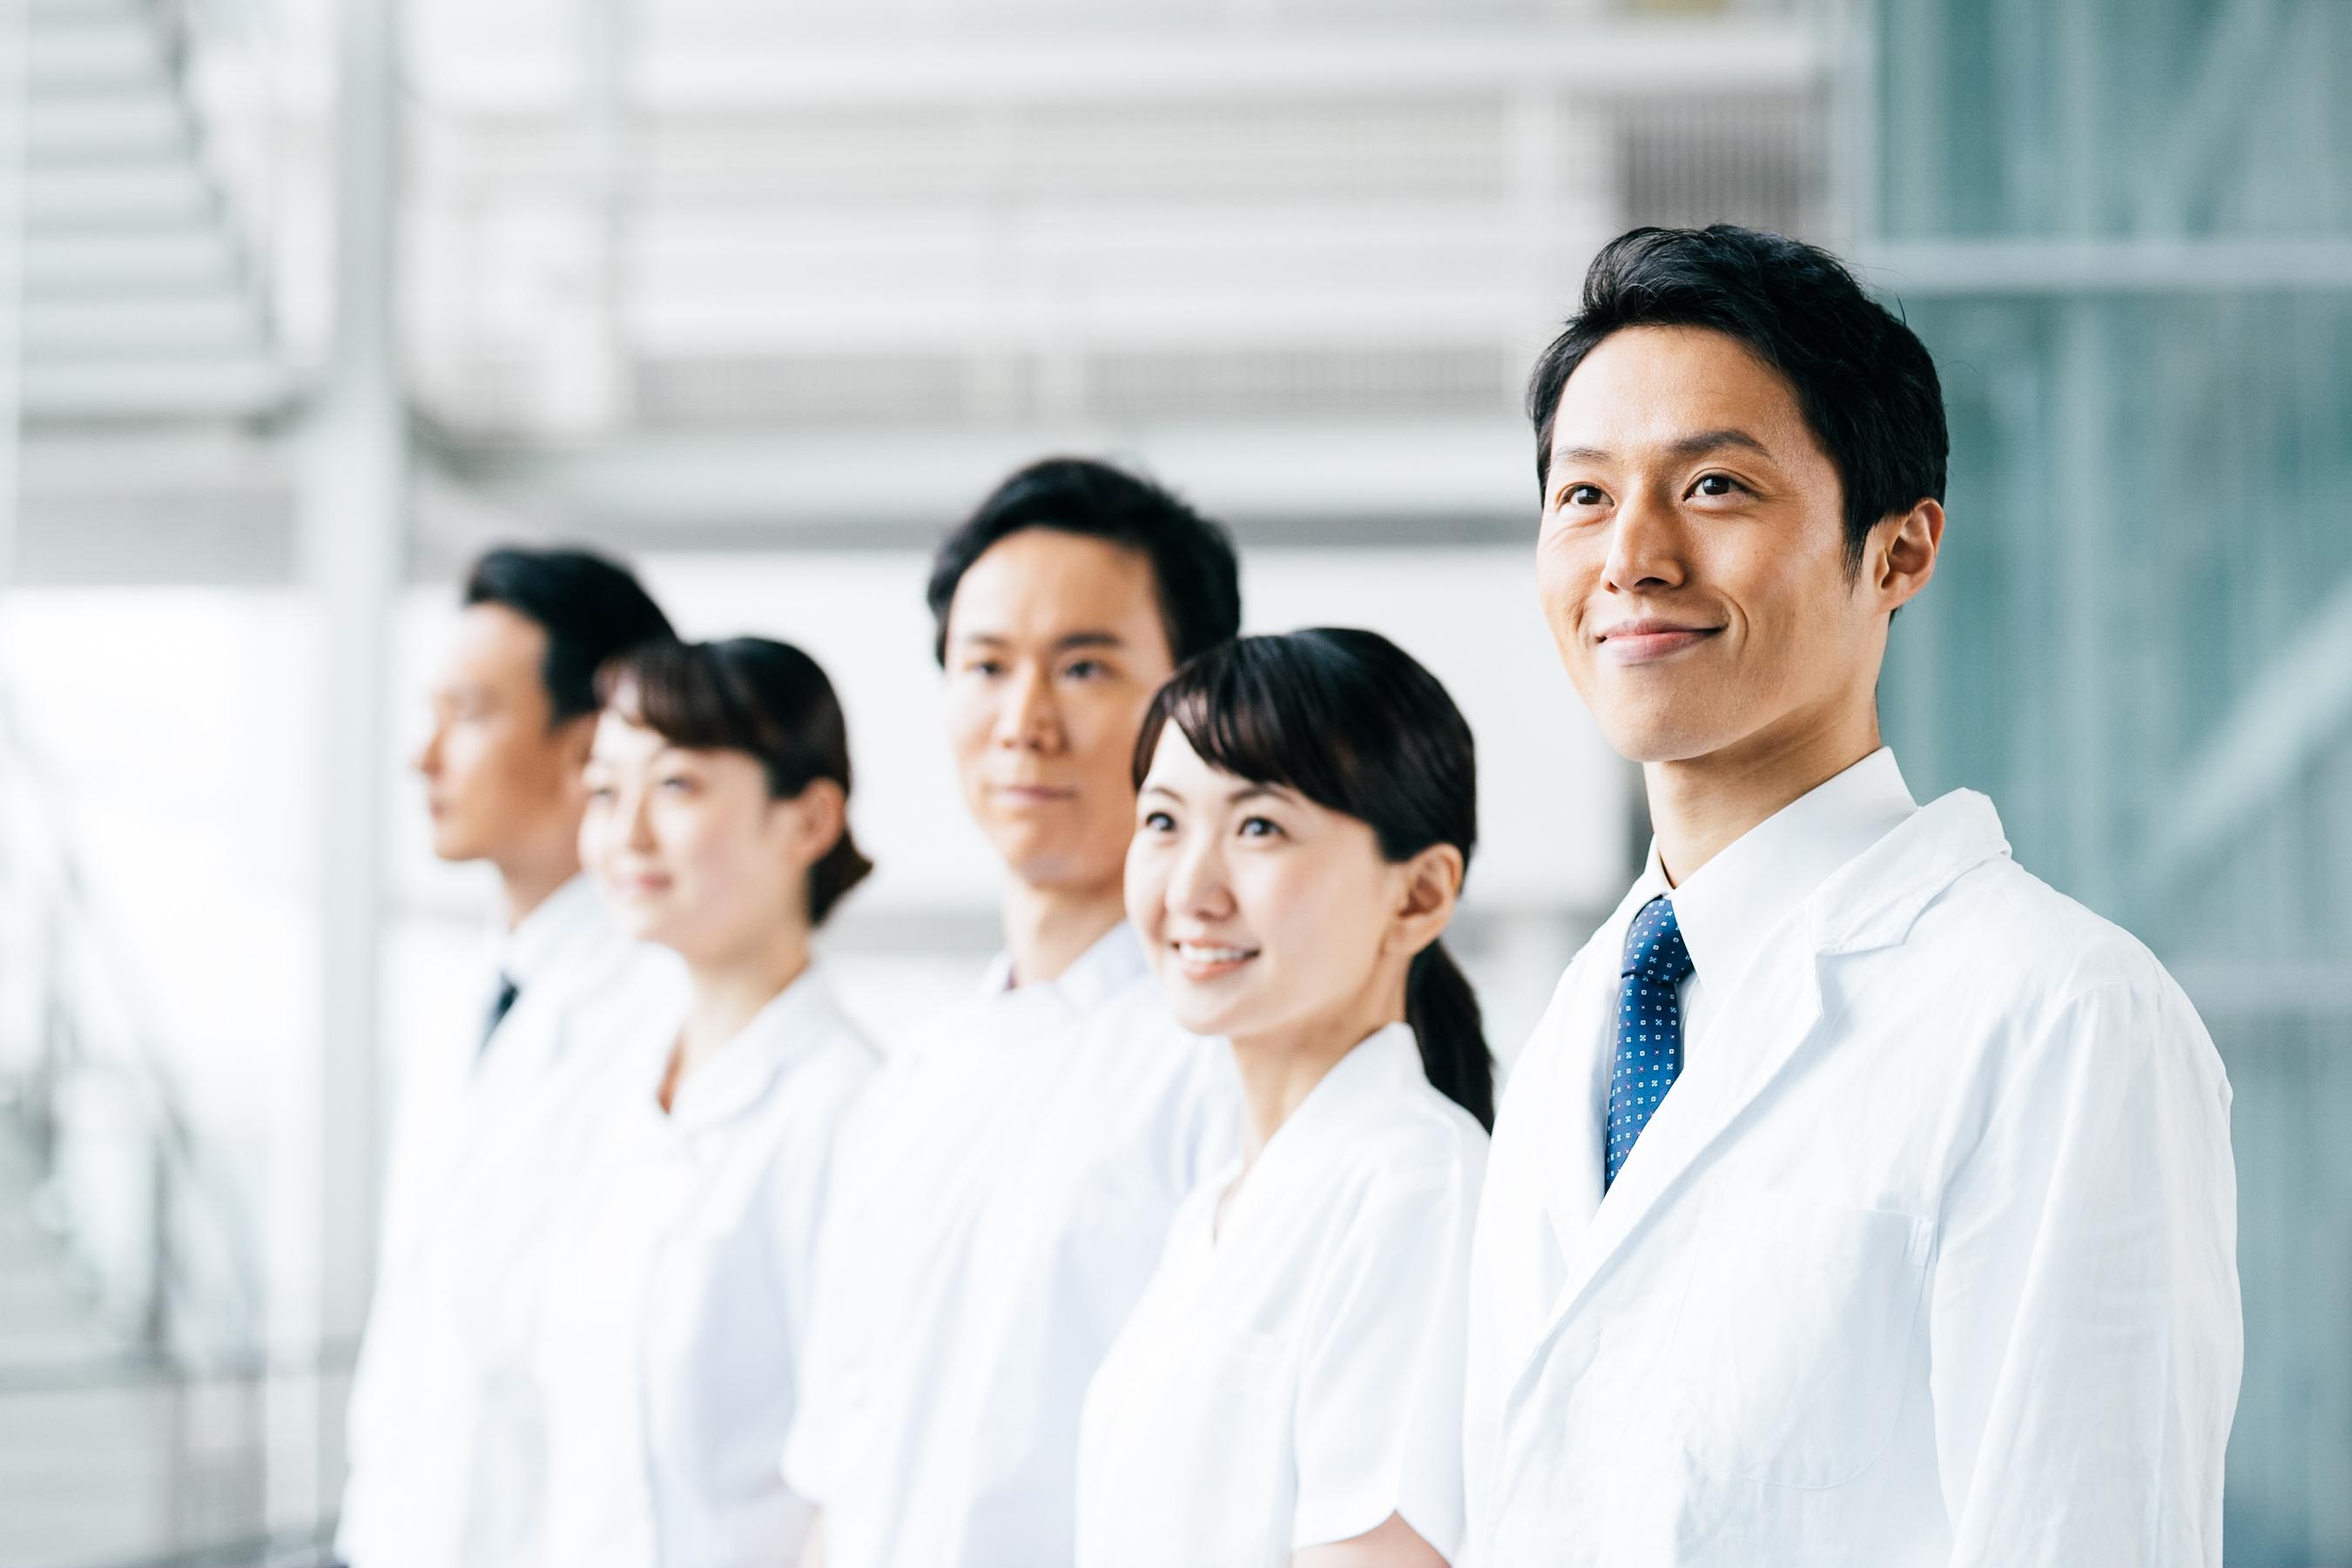 【新冠疫情】耶魯大學血液學團隊新發現!原來新冠疫情的治病原理是…|永真生技,一氧化氮的專家